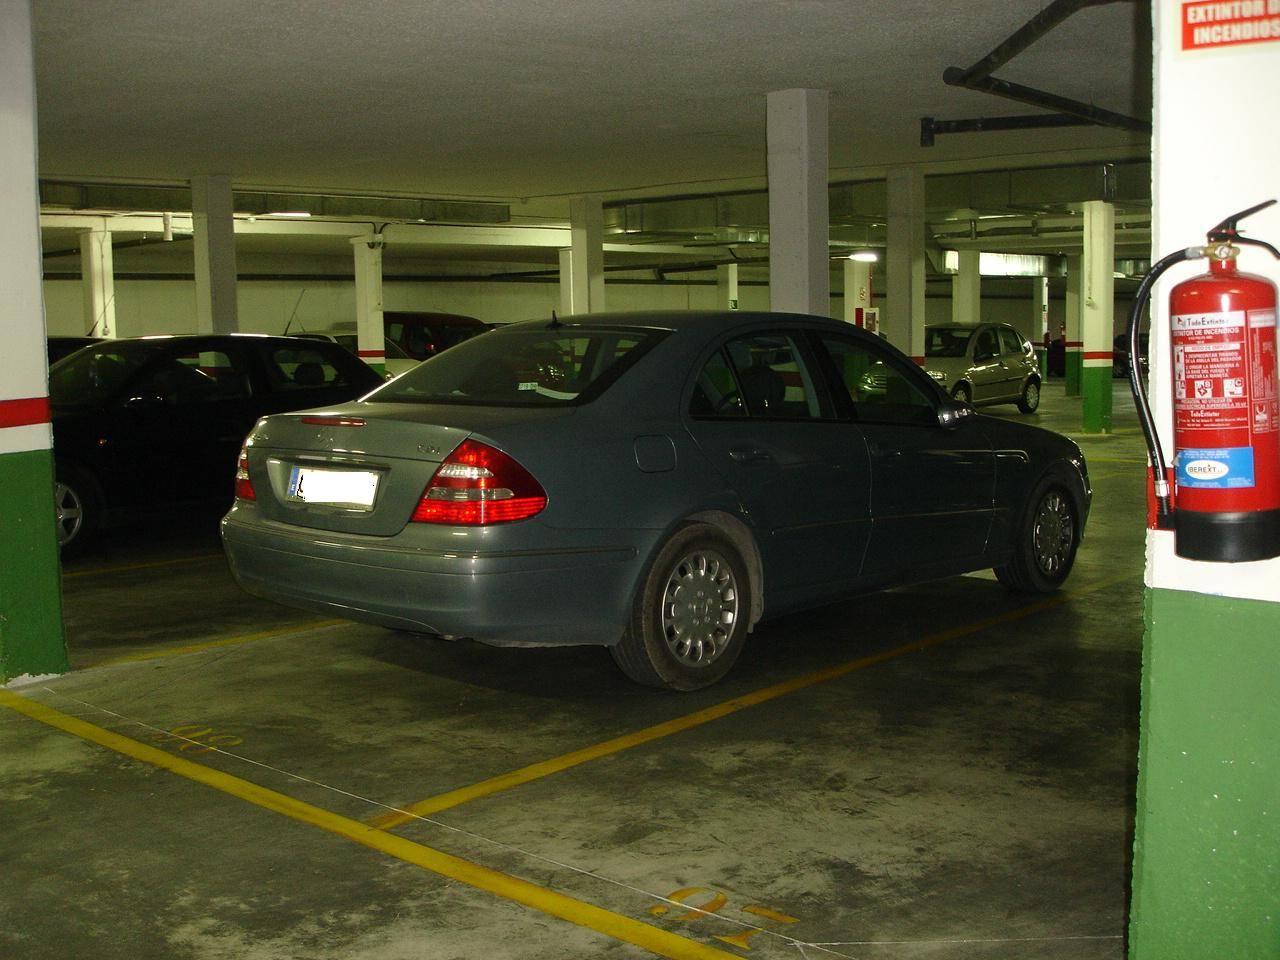 Barajas, pol. Las Mercedes. De 1 a 9 plazas de garaje. Alquilo-vendo